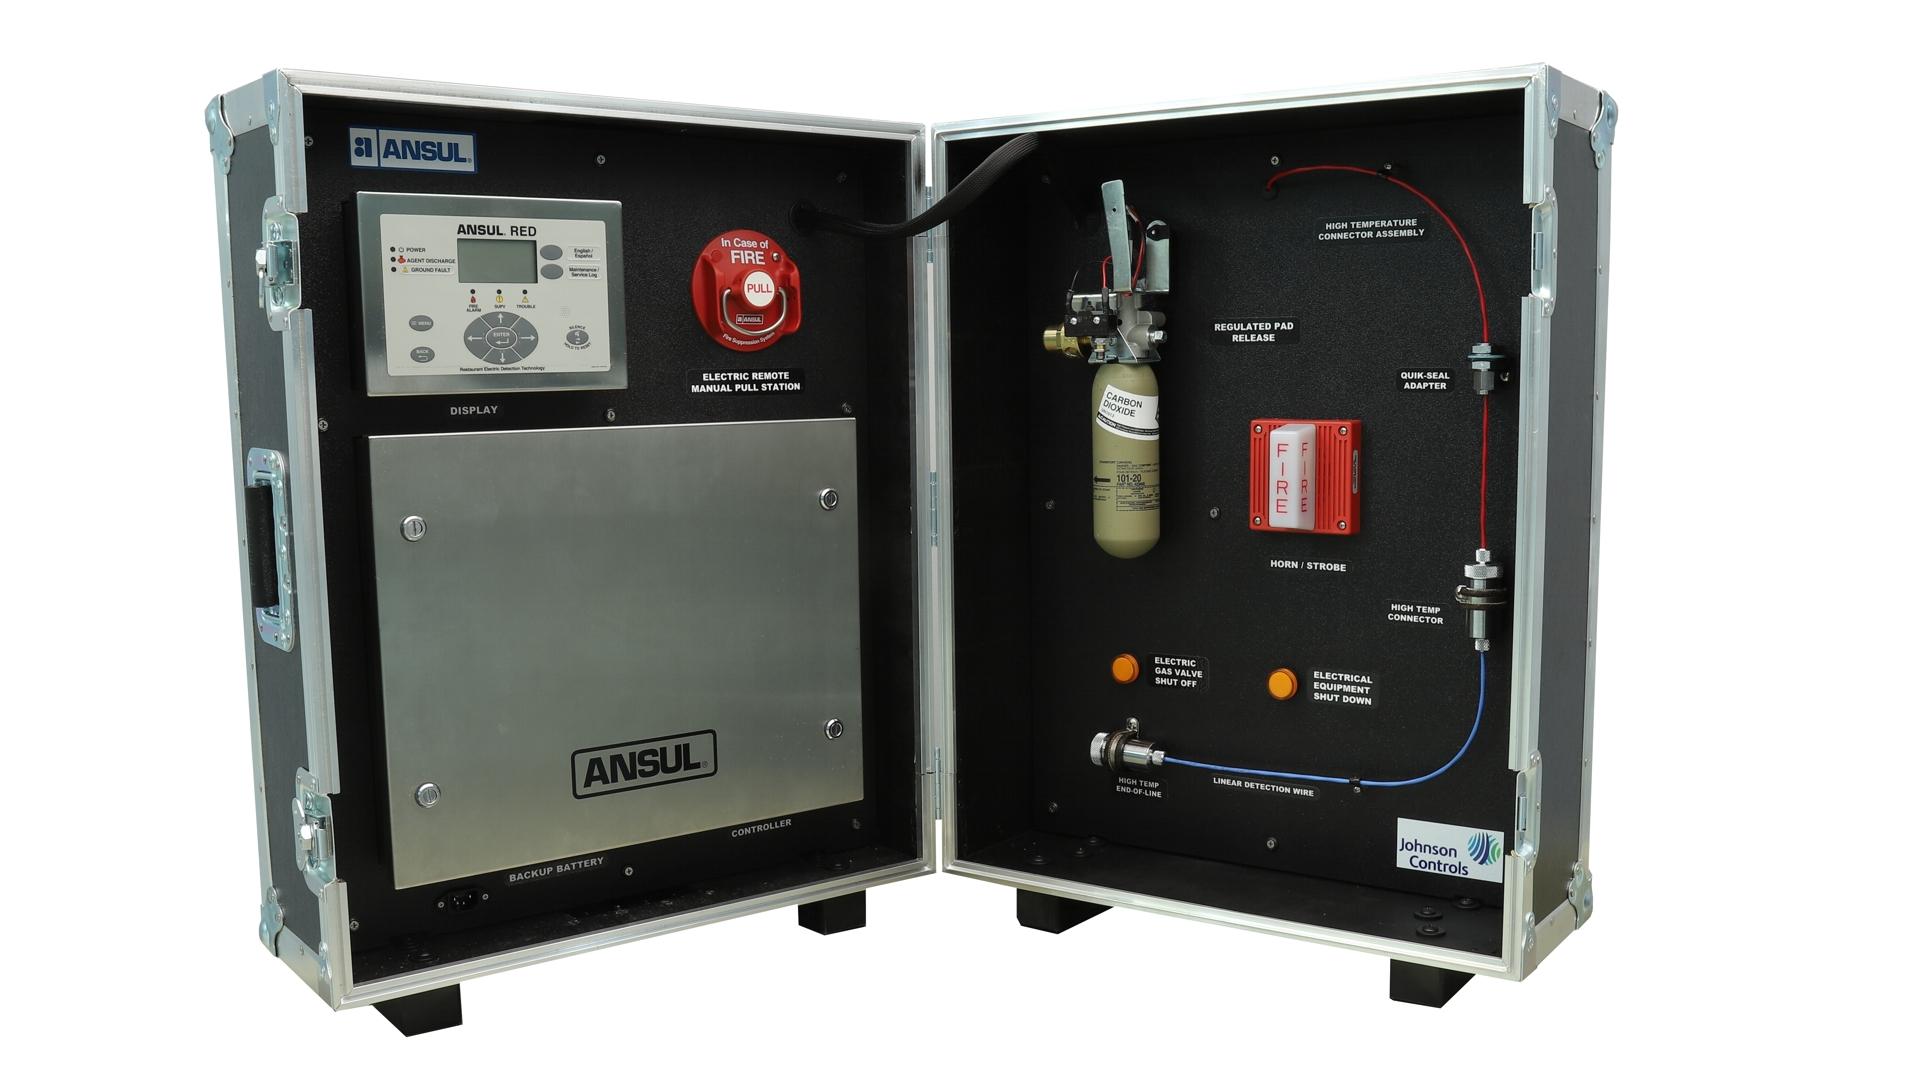 Ansul Fire Suppression System Simulator